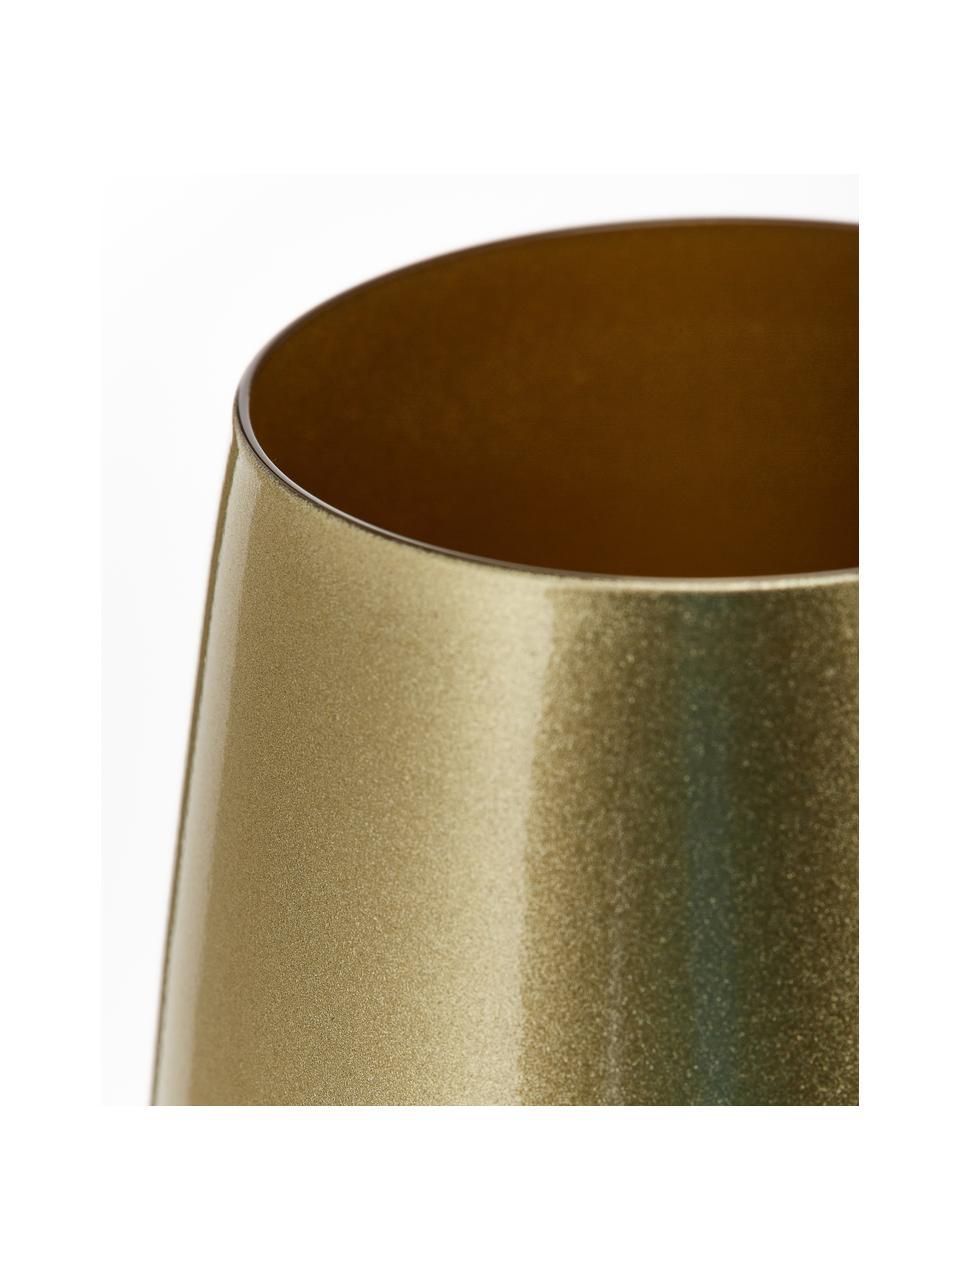 Kryształowa szklanka do koktajli Elements, 6 szt., Szkło kryształowe, powlekane, Odcienie złotego, Ø 9 x W 12 cm